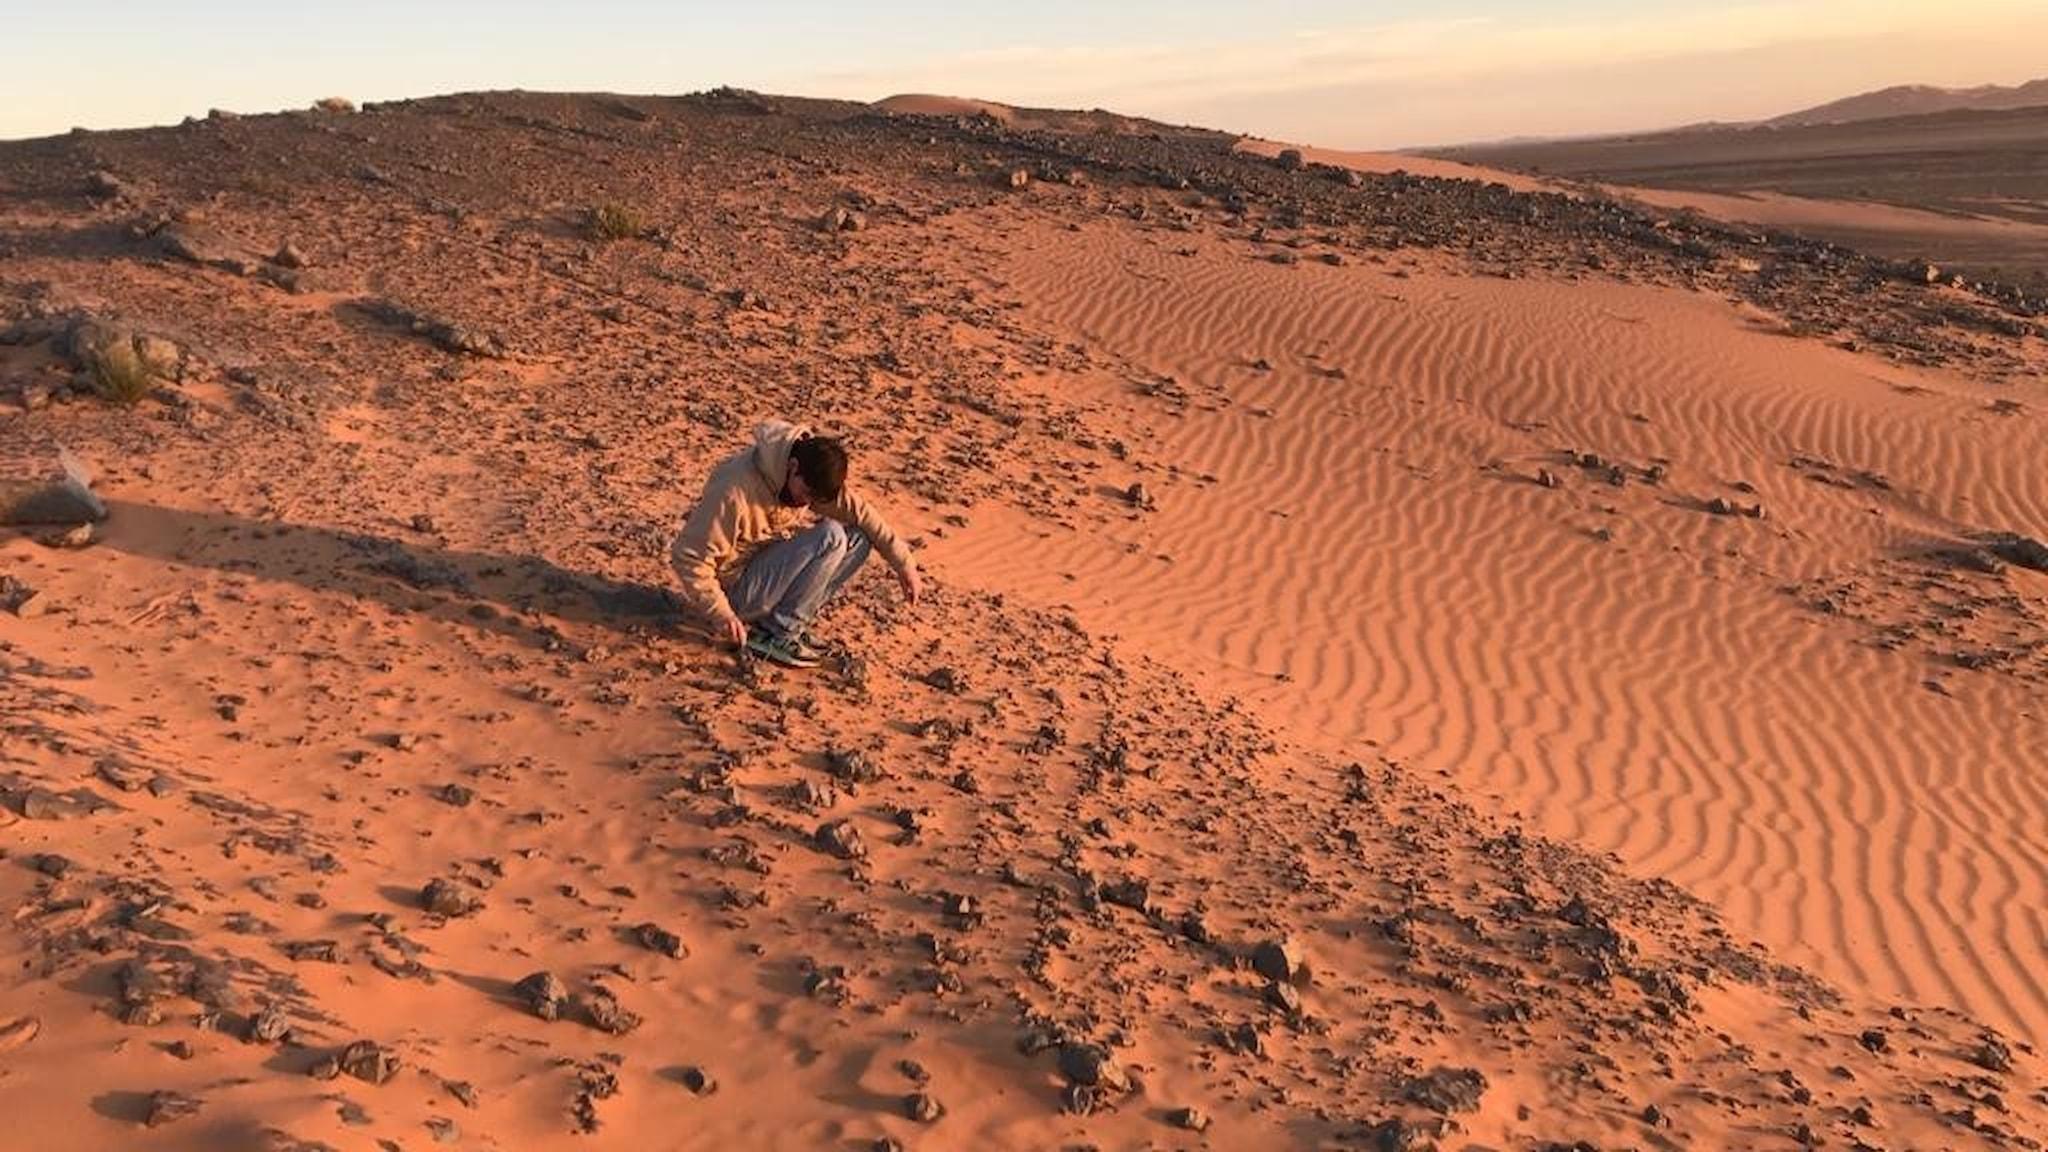 Ola Keijer sitter på huk i öknen - sanden är röd och formad som vågor efter att det blåst i den.